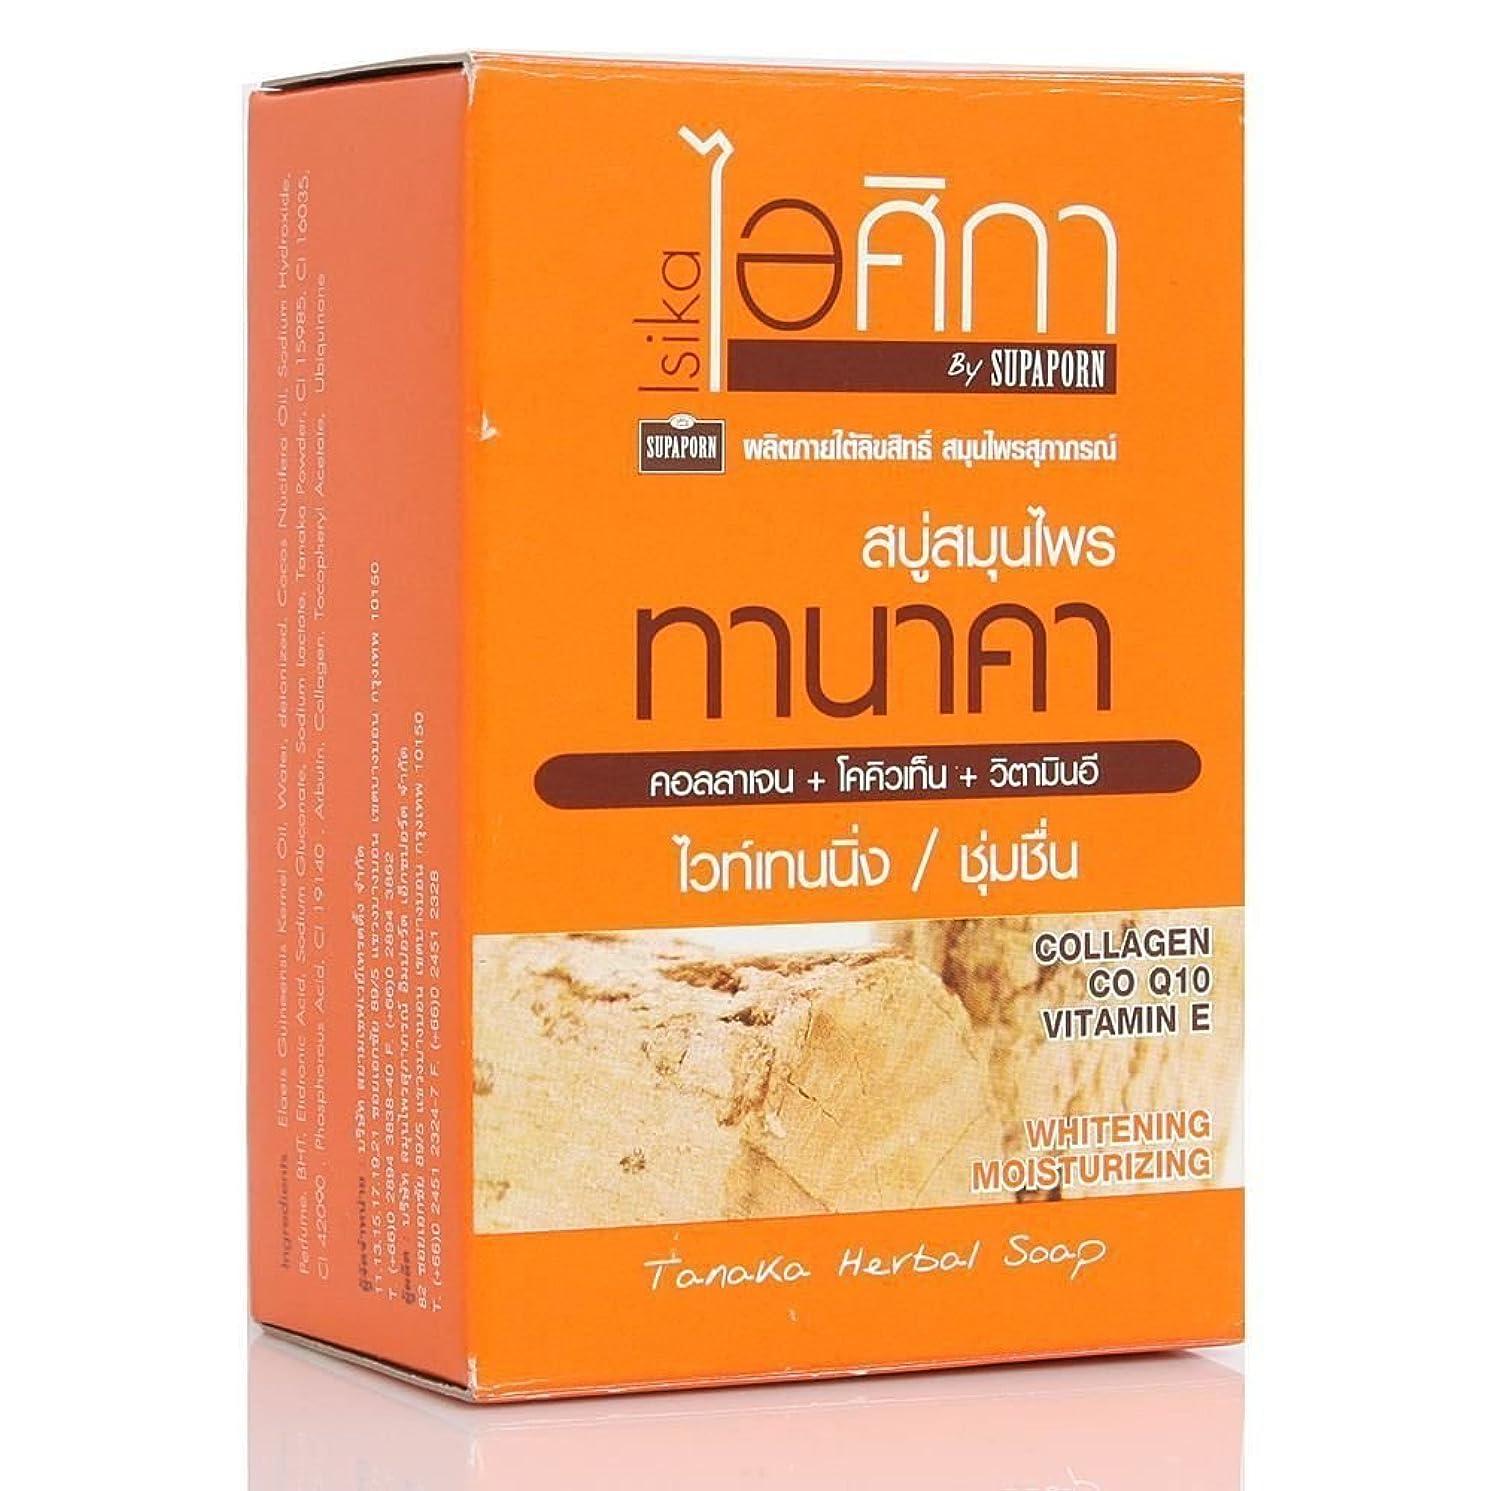 強化するセマフォ小切手Isika TANAKA Collagen CO Q10 Vitamin E Skin Whitening Moisturizer Herbal Soap 100g./3.5oz.